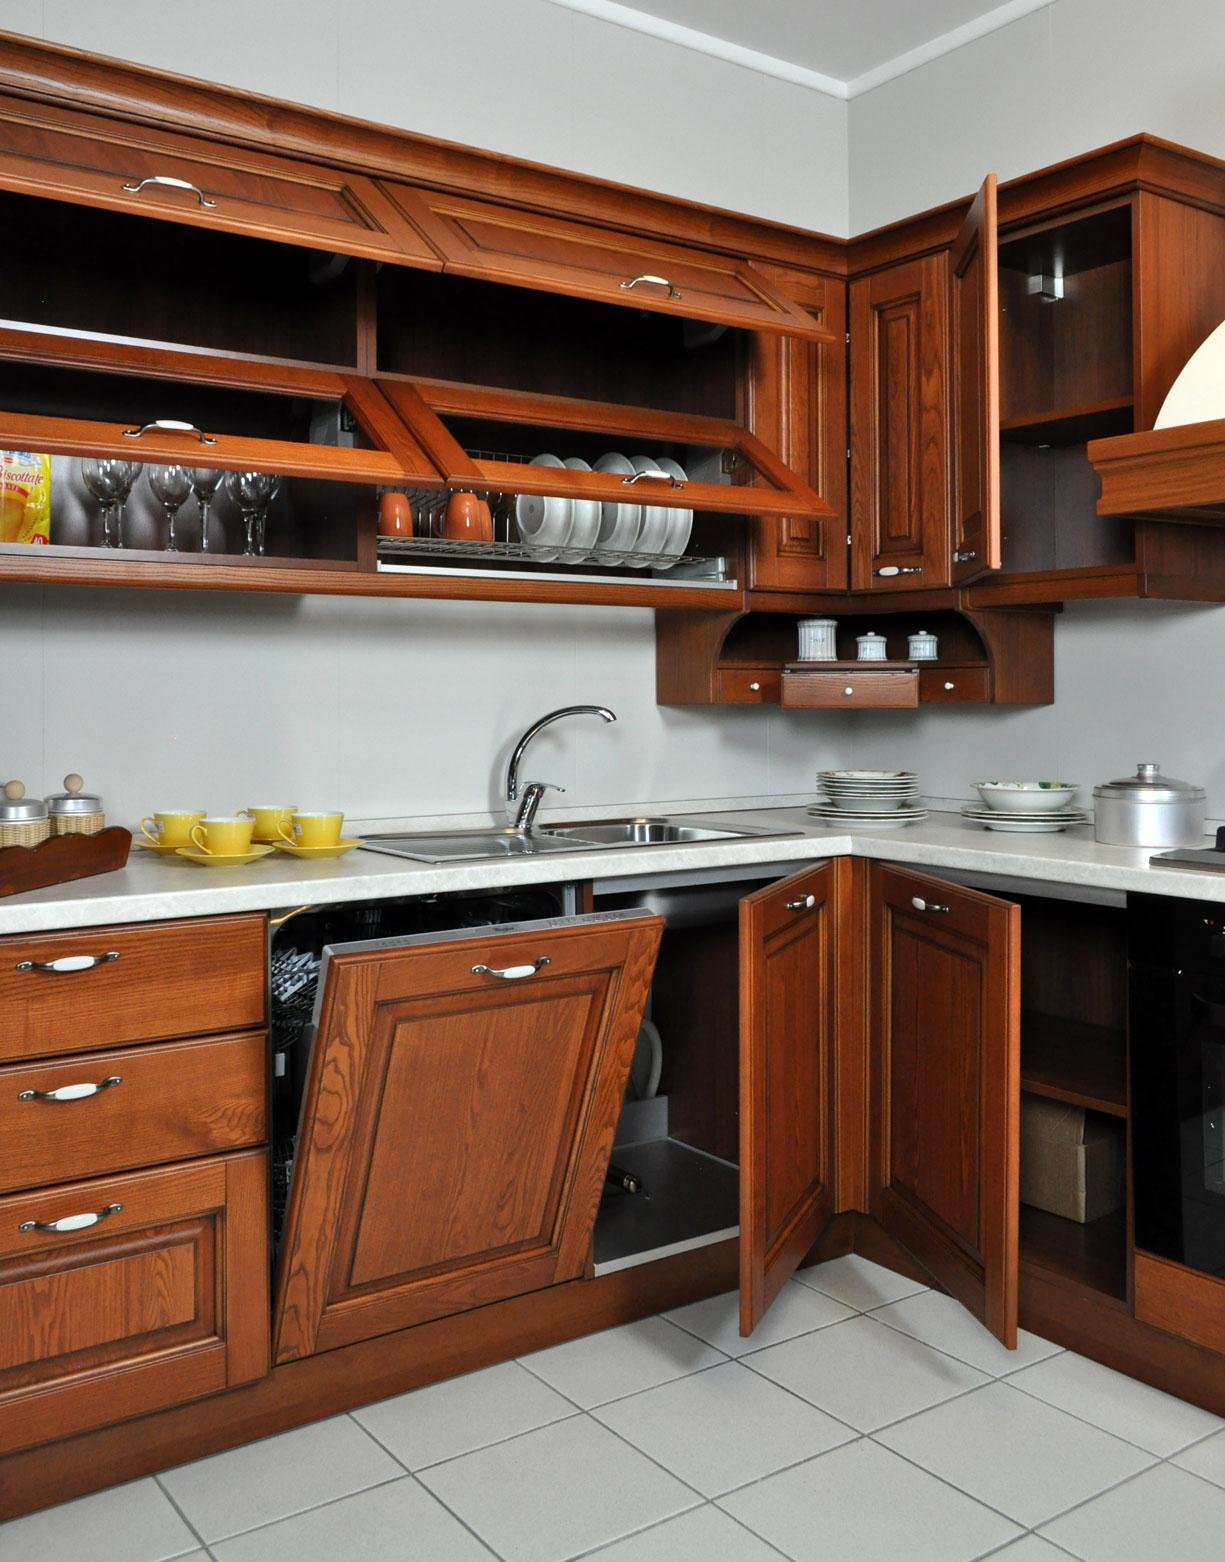 Cucine Con Elettrodomestici Scontata A Prezzo Offerta Cucine A #7C3E20 1225 1562 Cucine Classiche Con Frigo Esterno